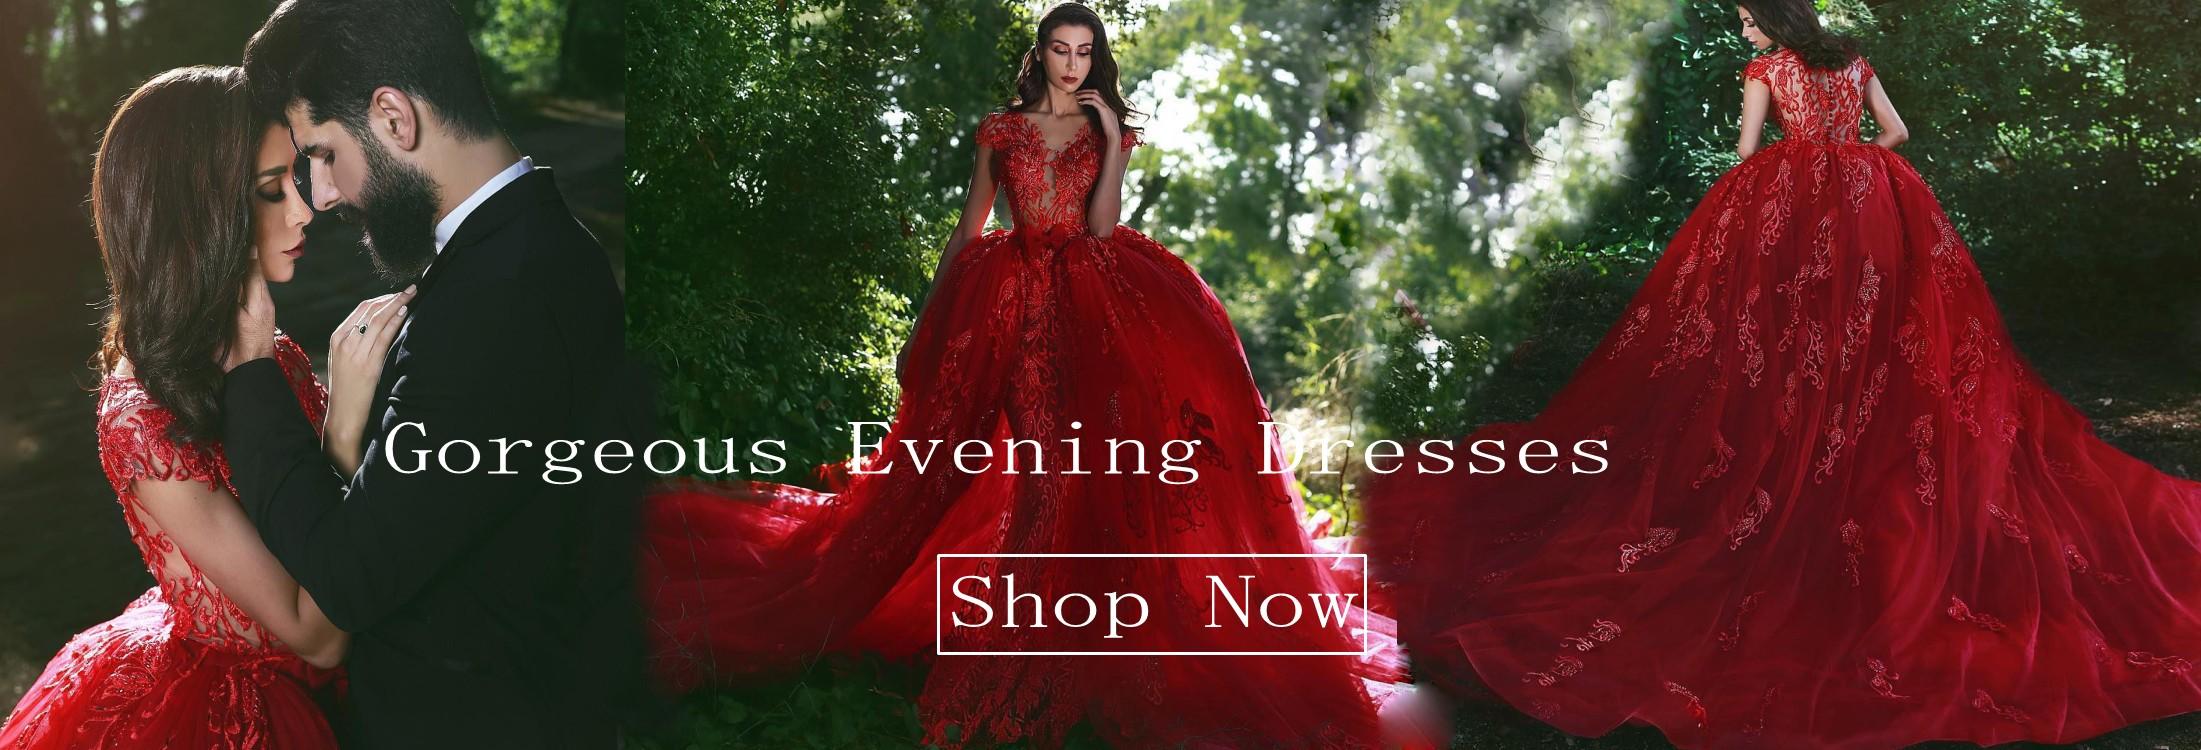 945616a882ff L abito è fatto su misura a mano con le tue preferenze.DaDubai Dress House